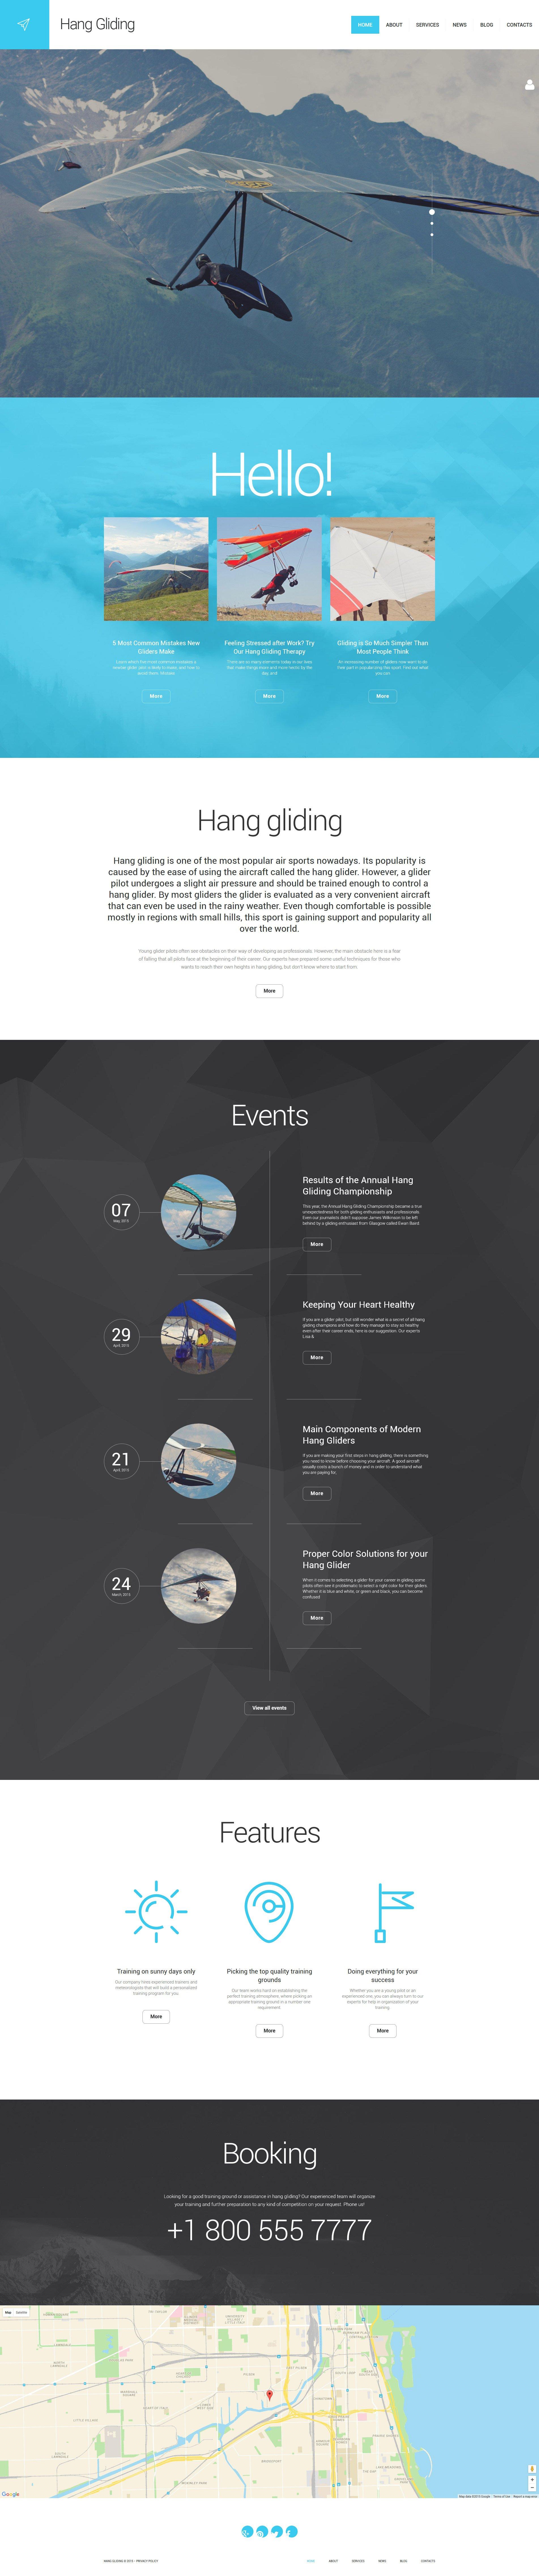 Responsivt Hang Gliding WordPress-tema #55966 - skärmbild